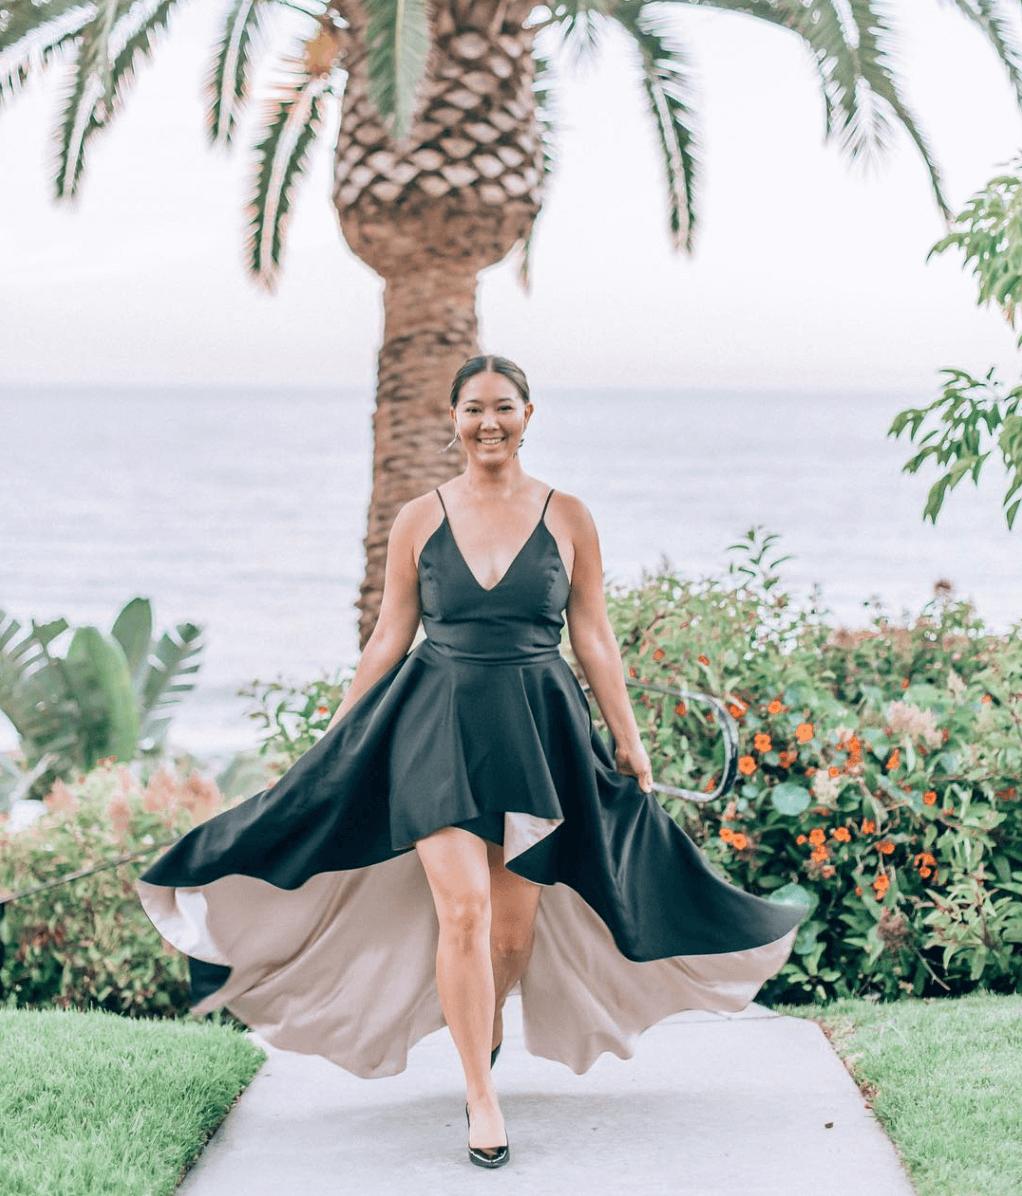 July, Instagram Fashion featured by popular San Francisco fashion blogger WTFab